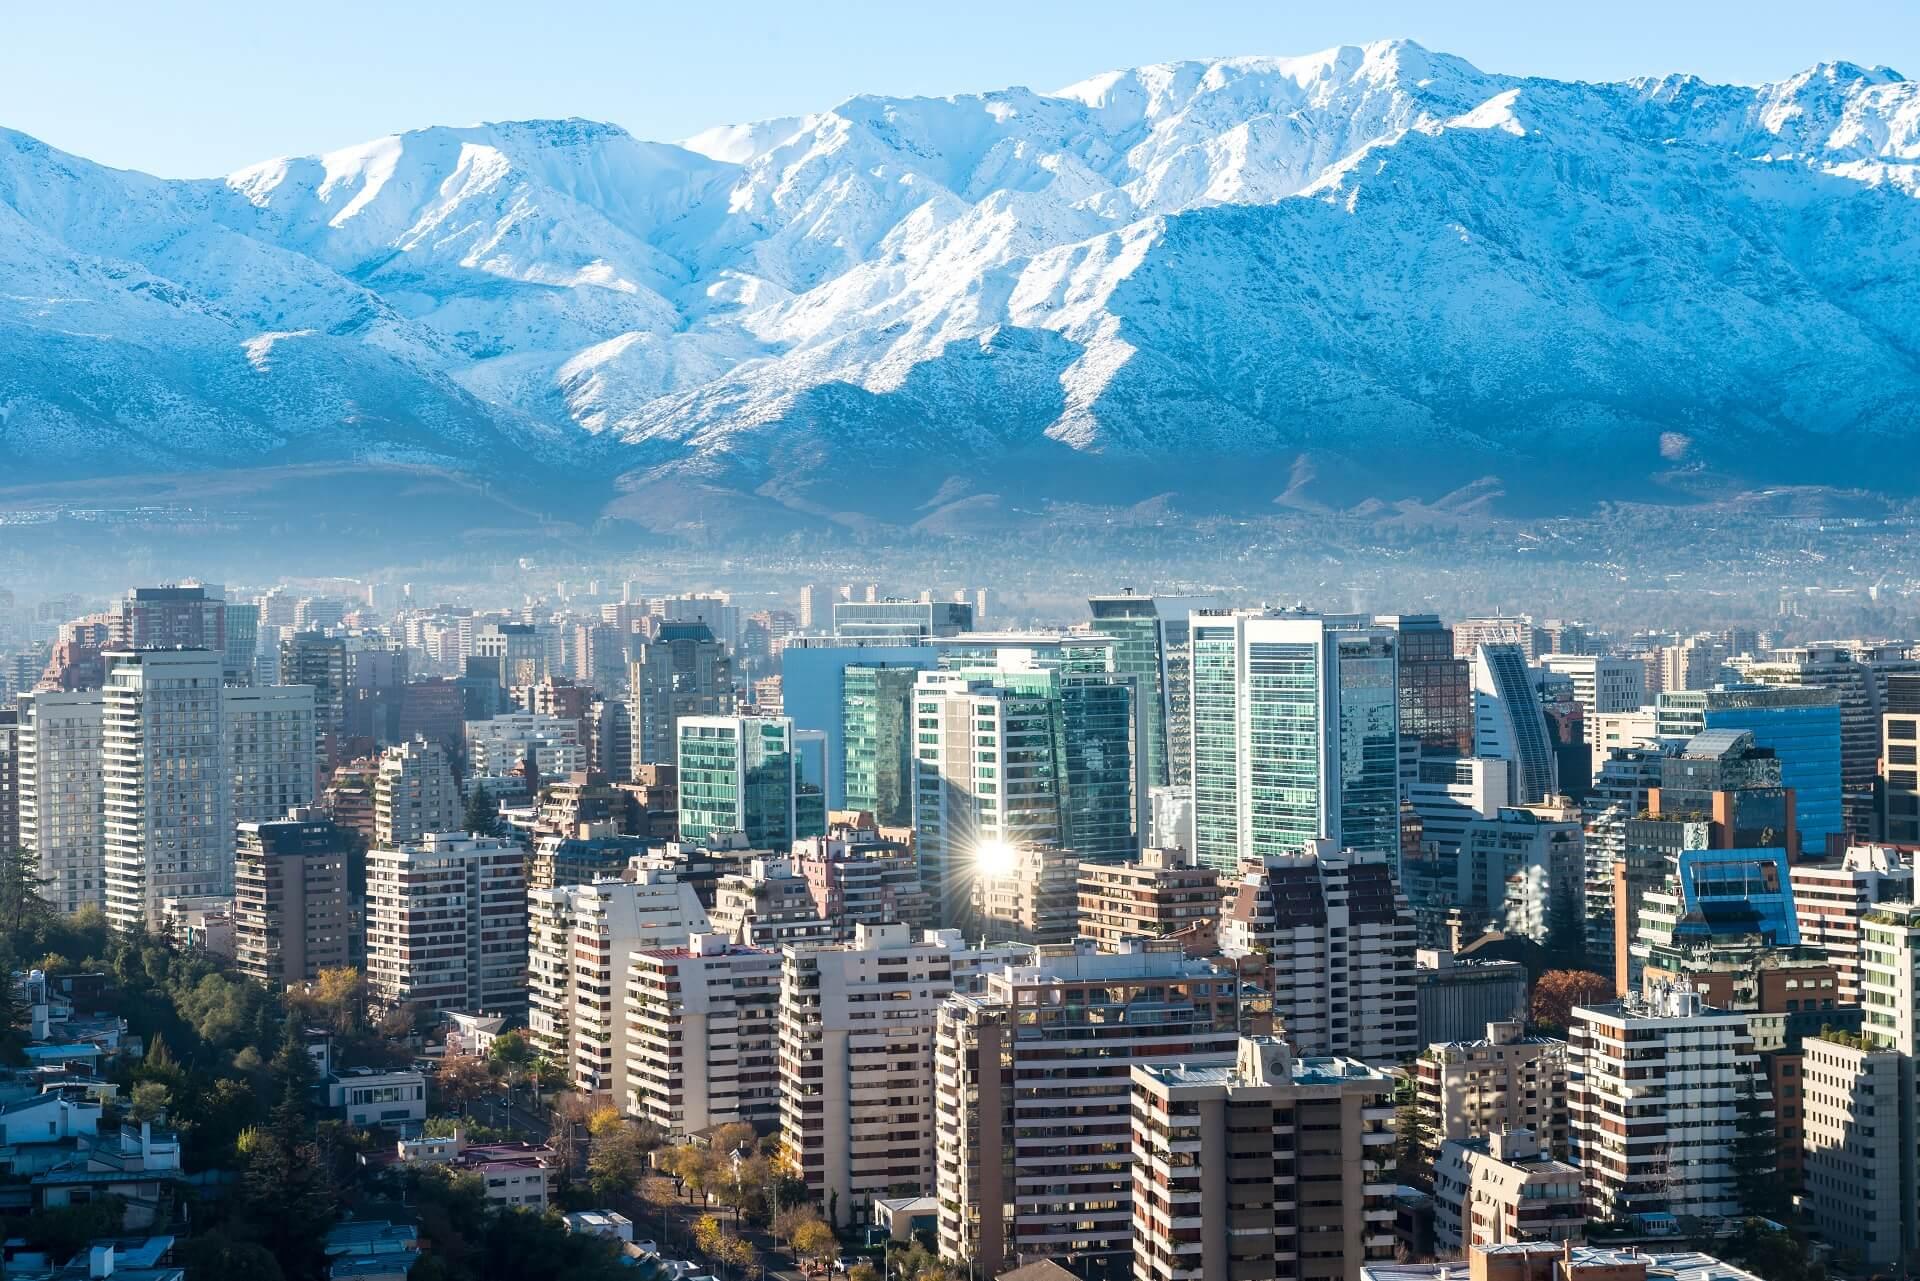 In Chile können Profibackpacker eine Menge erleben